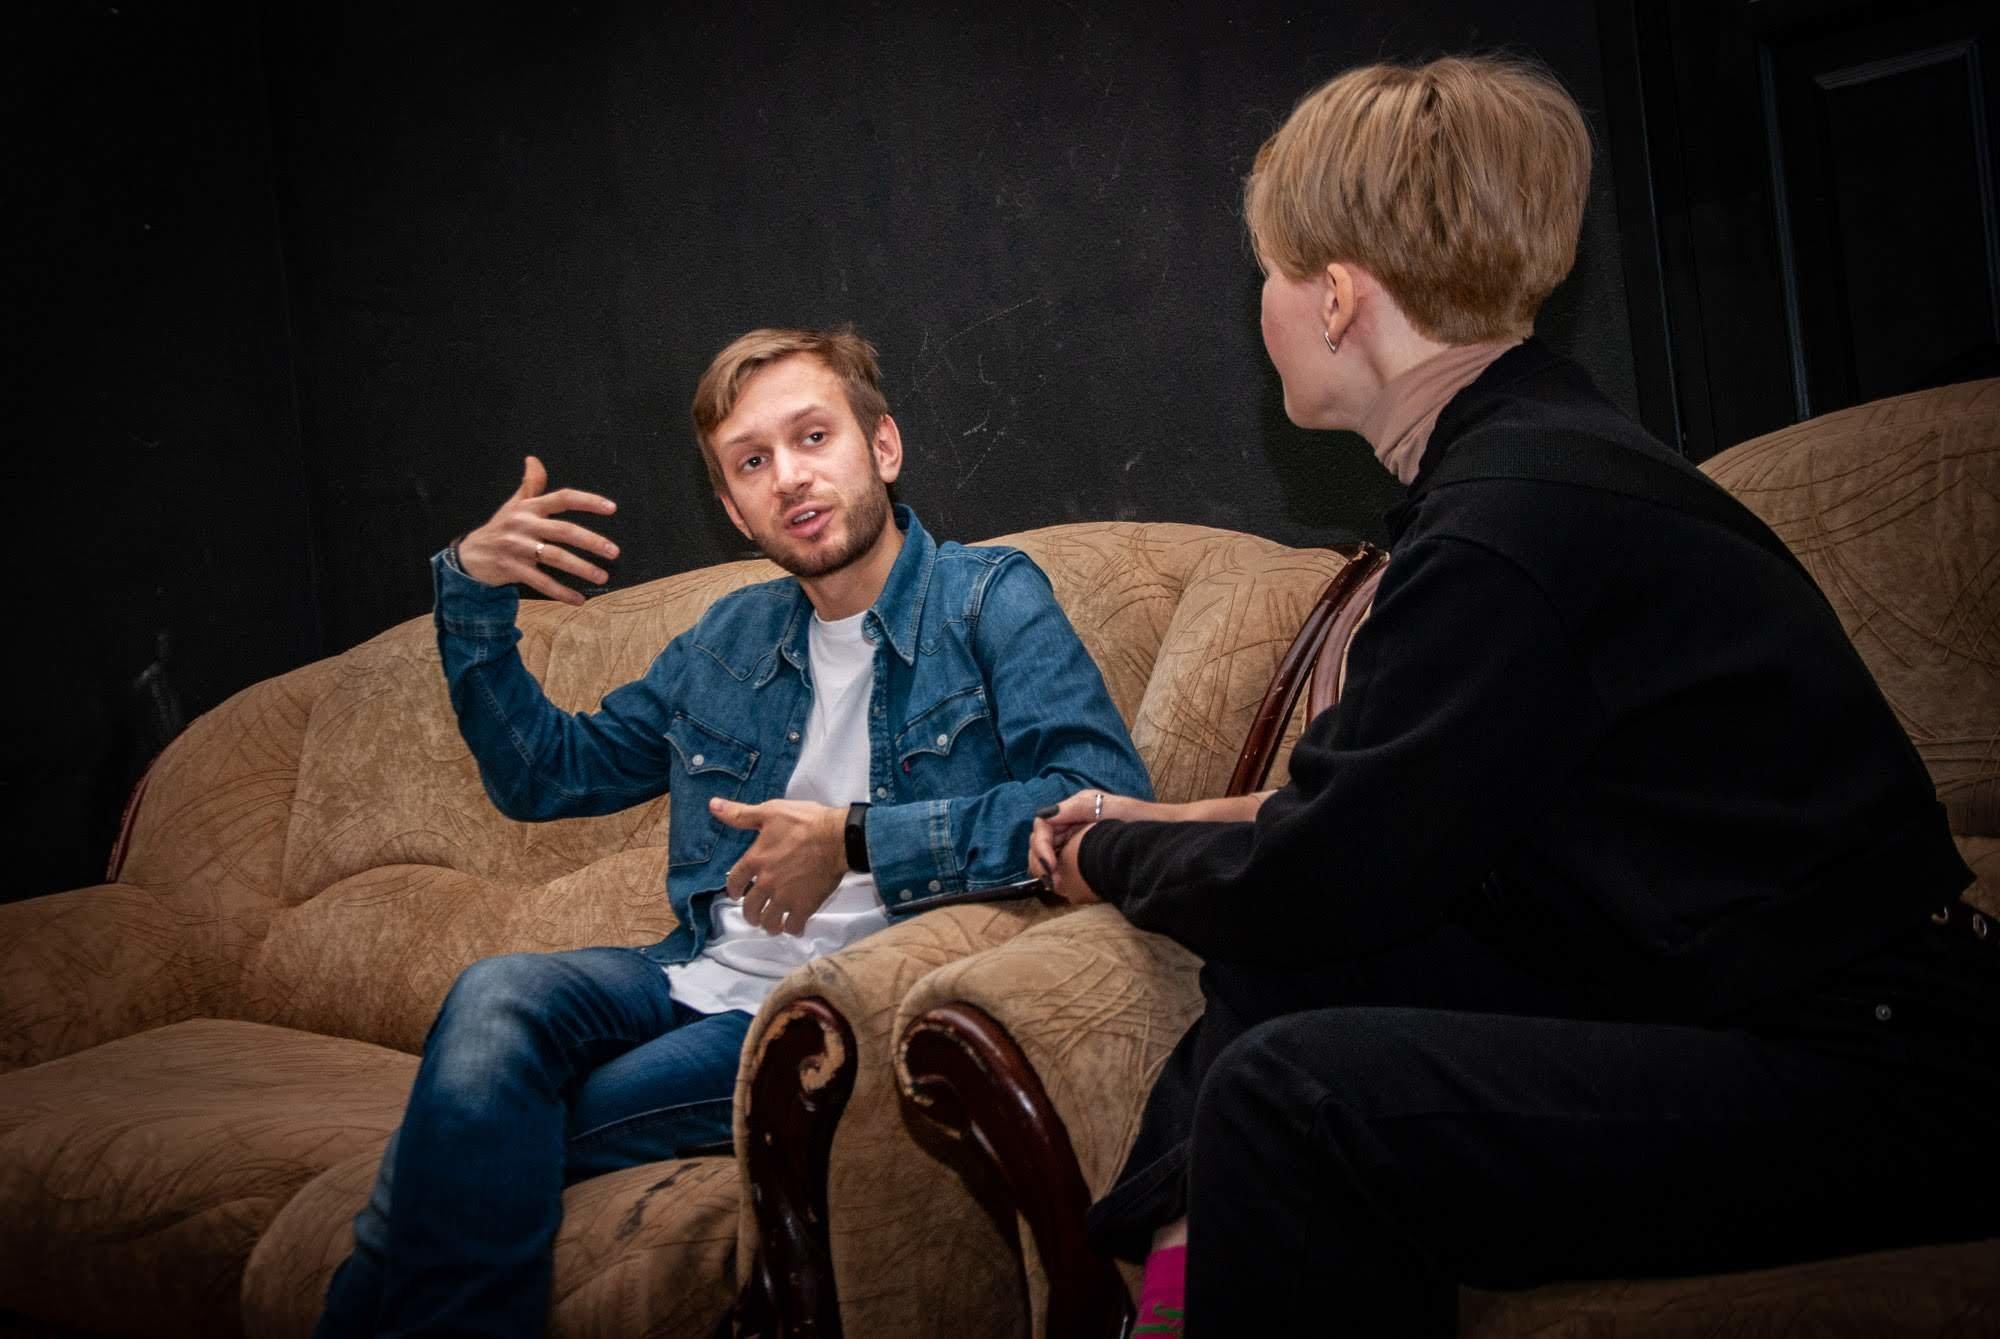 Ми хочемо, щоб наші вистави продукували до роздумів: інтерв'ю з художнім керівником Малого театру Дмитром Весельським